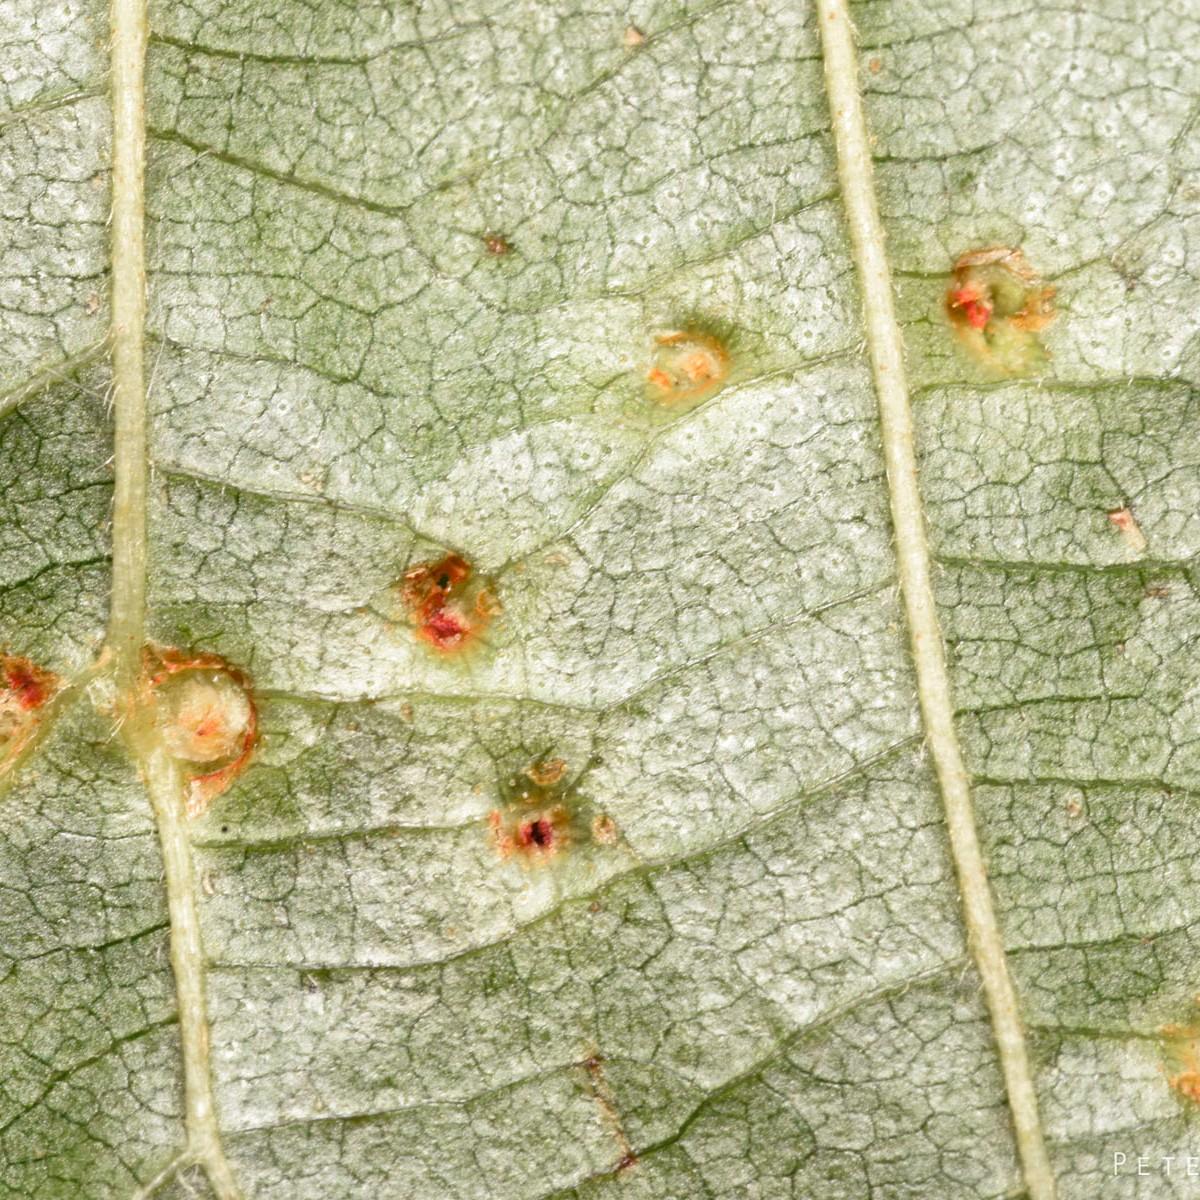 Eriophyes laevis - underside